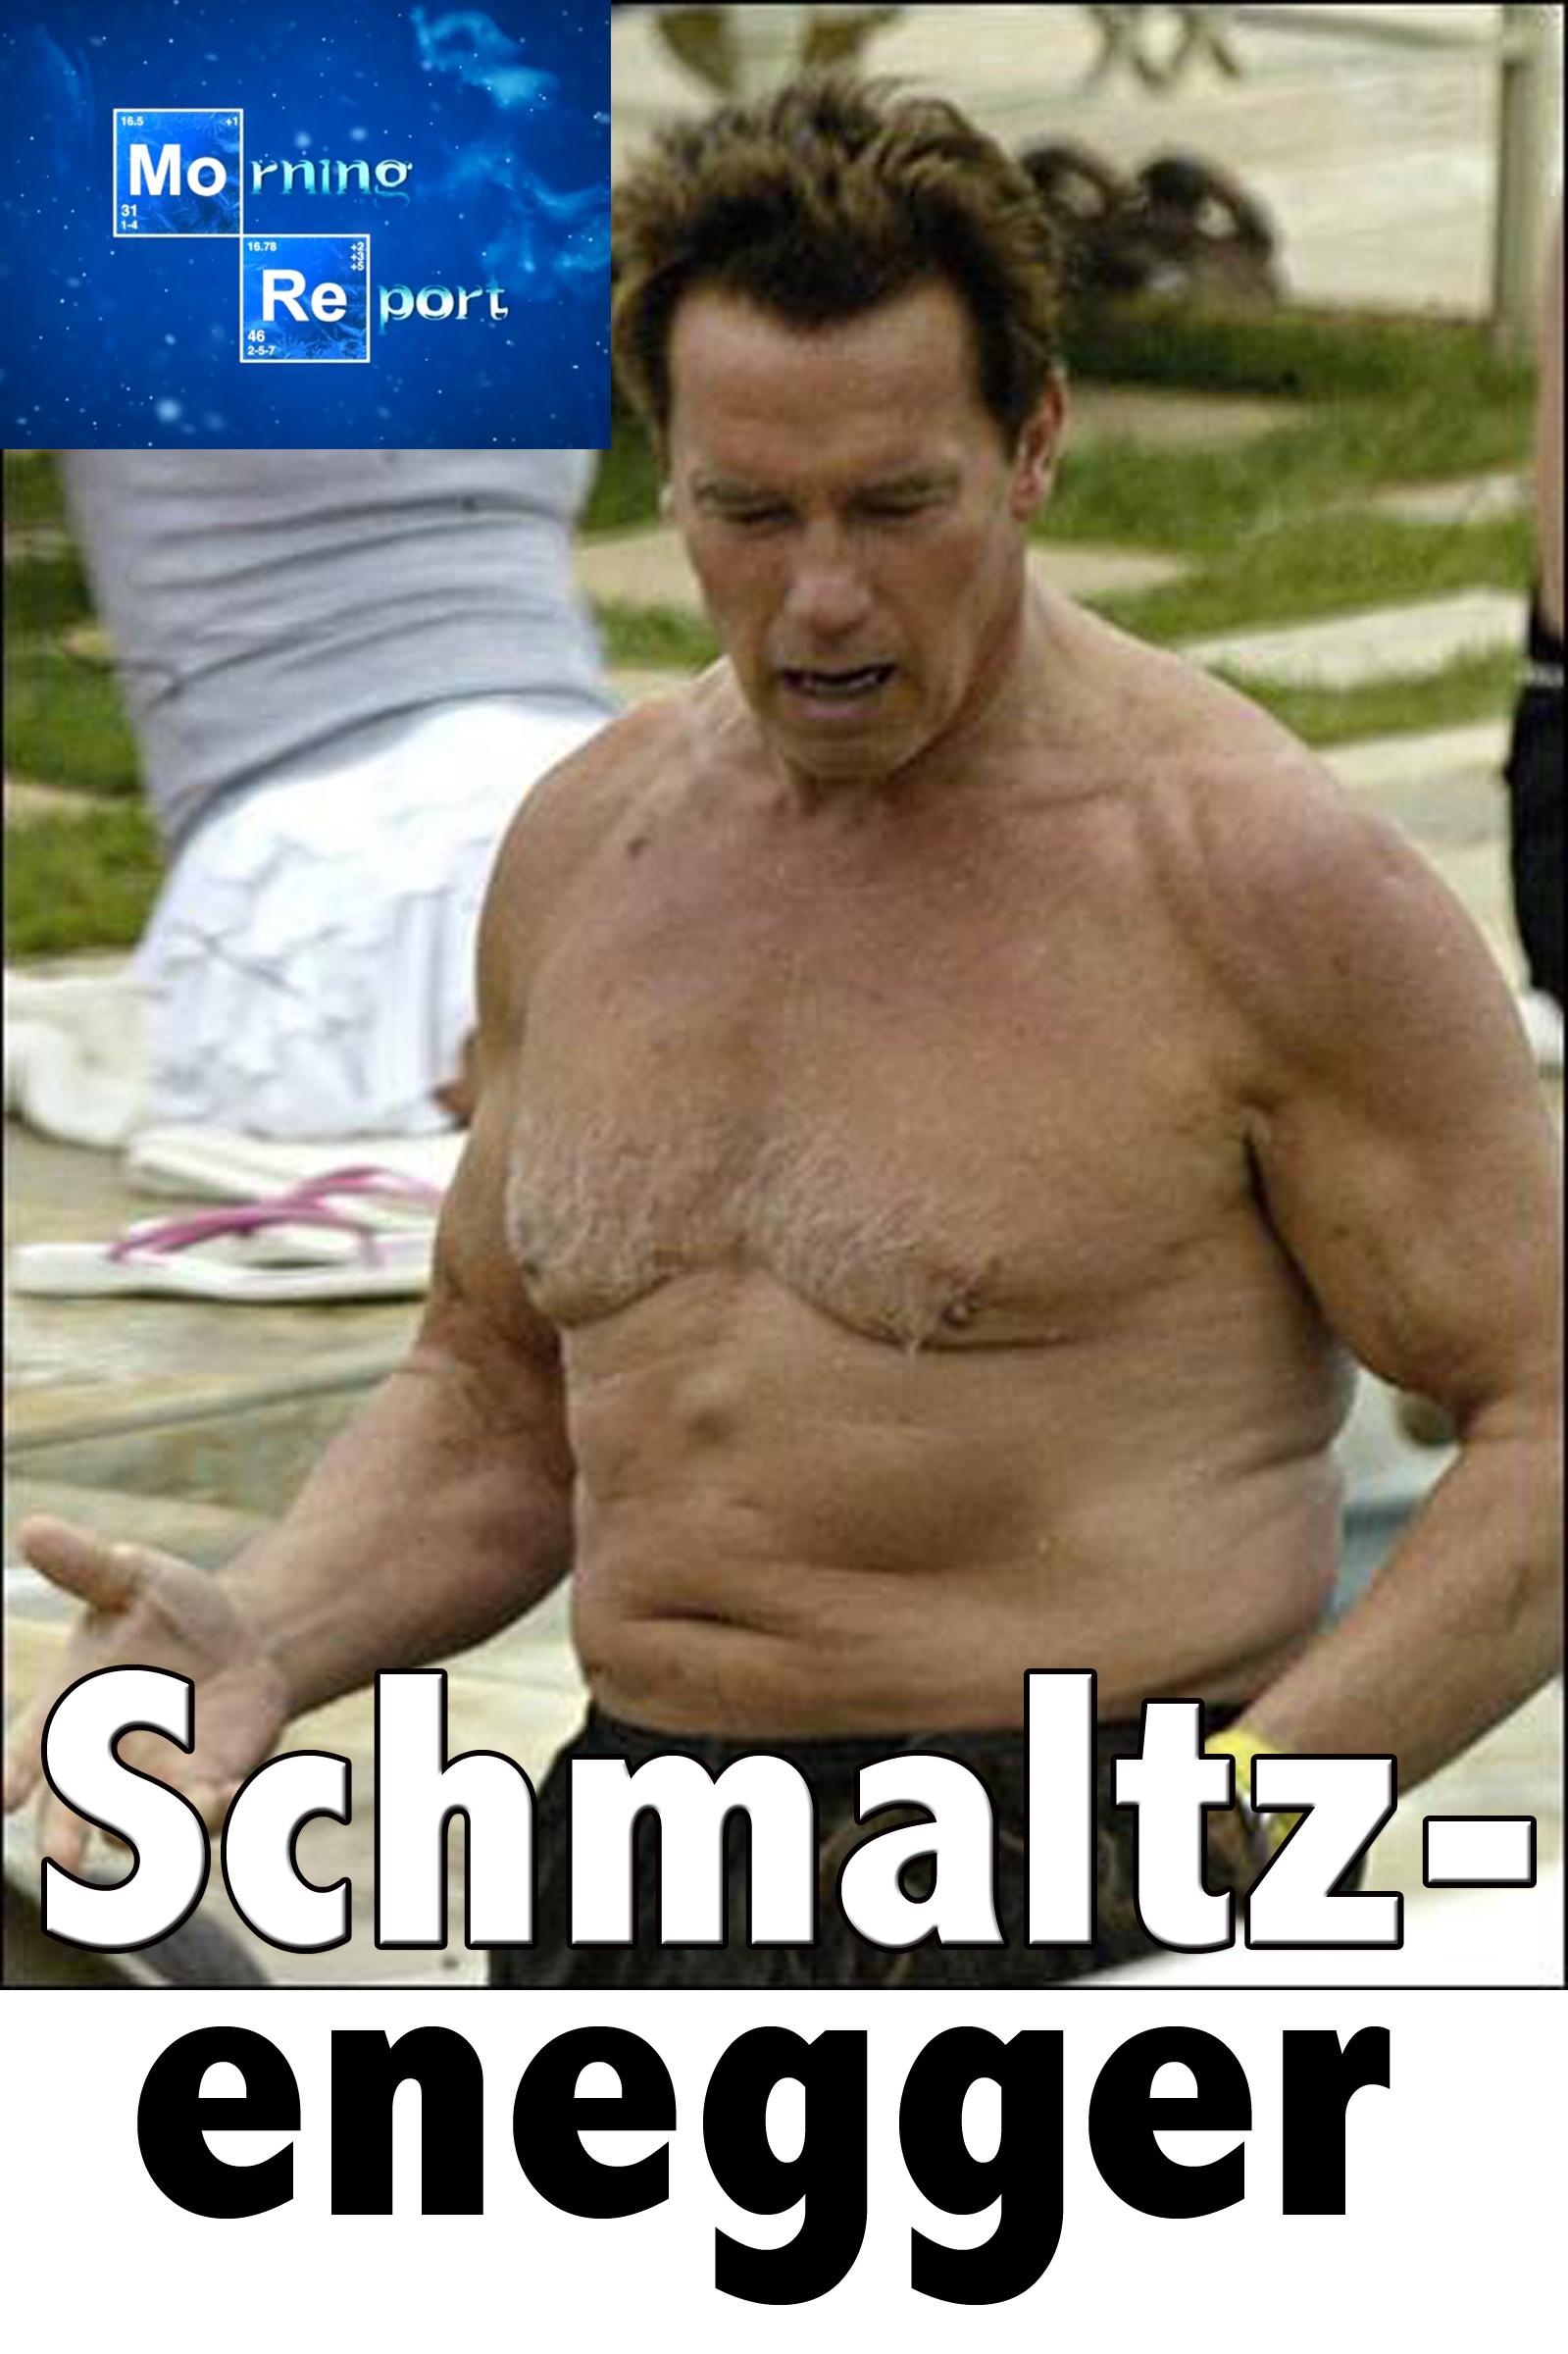 schmaltz.jpg